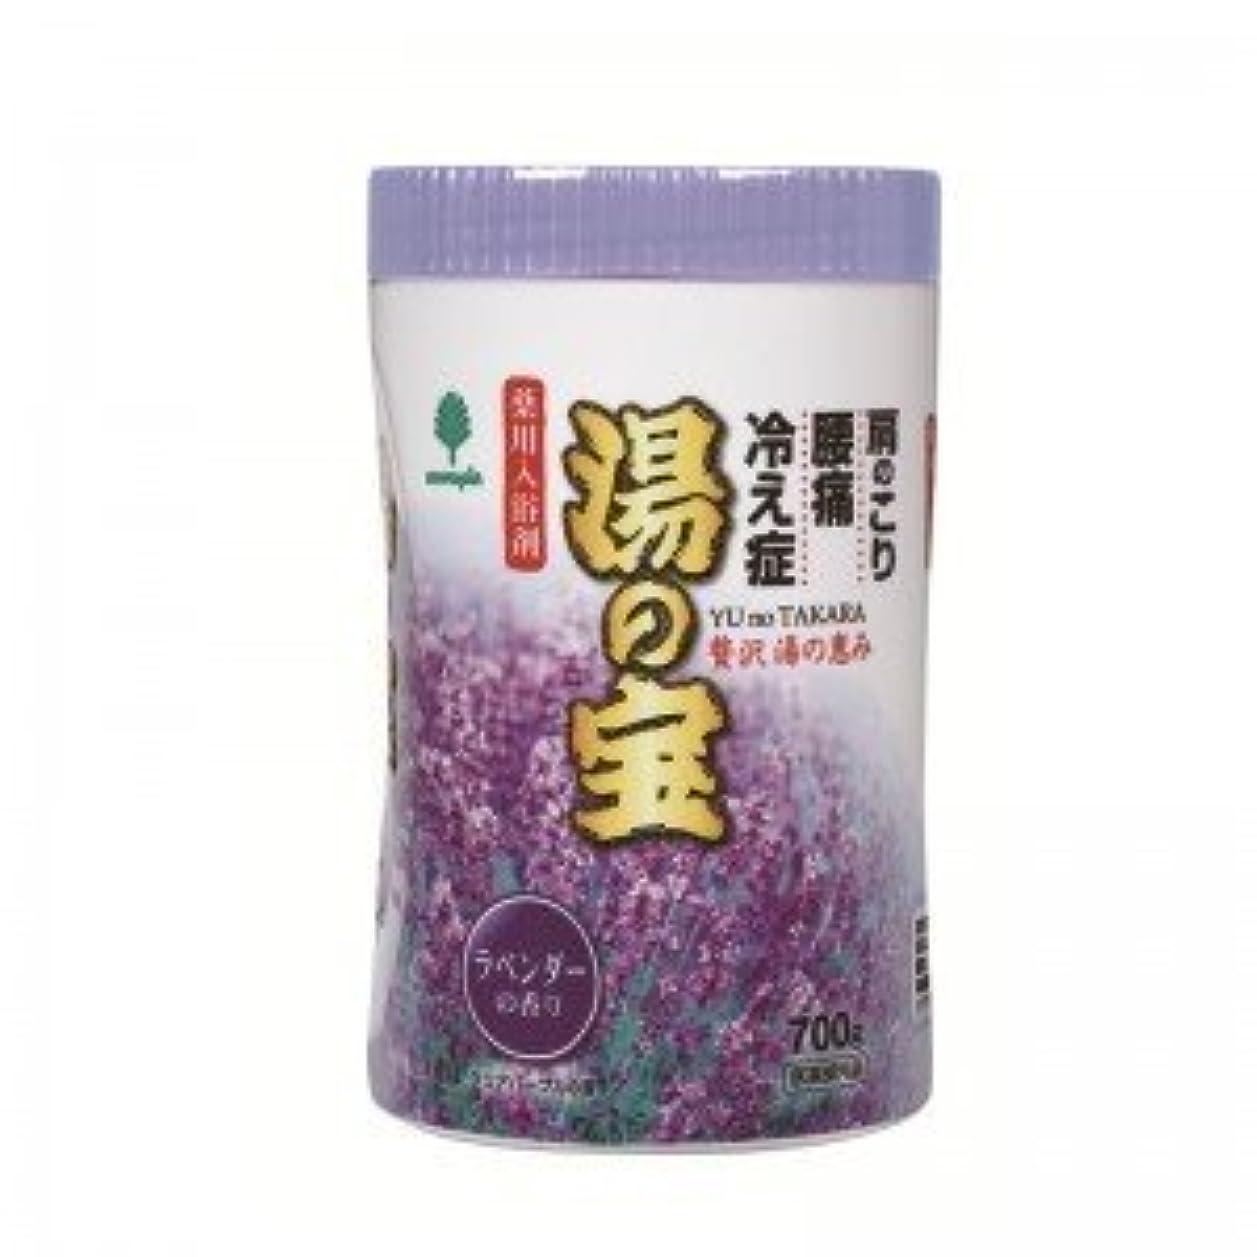 彼らのもの建物手順紀陽除虫菊 湯の宝 ラベンダーの香り (丸ボトル) 700g【まとめ買い15個セット】 N-0068